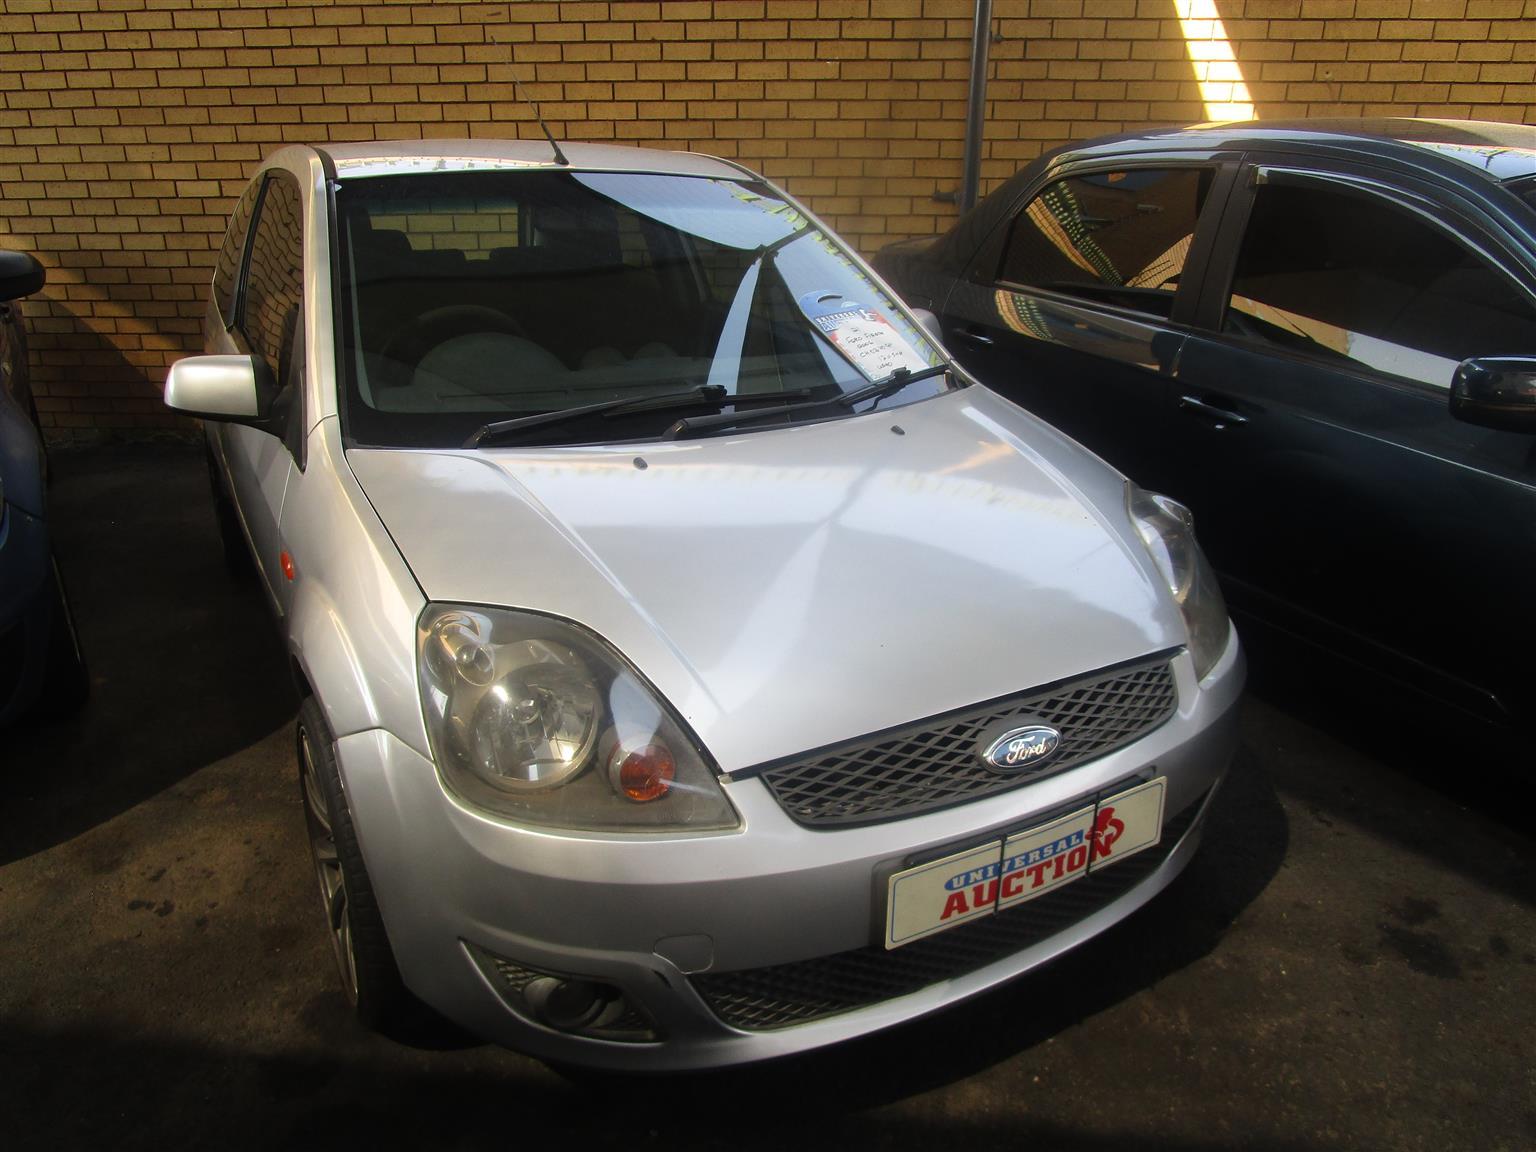 2006 Ford Fiesta 1.4 5 door Trend